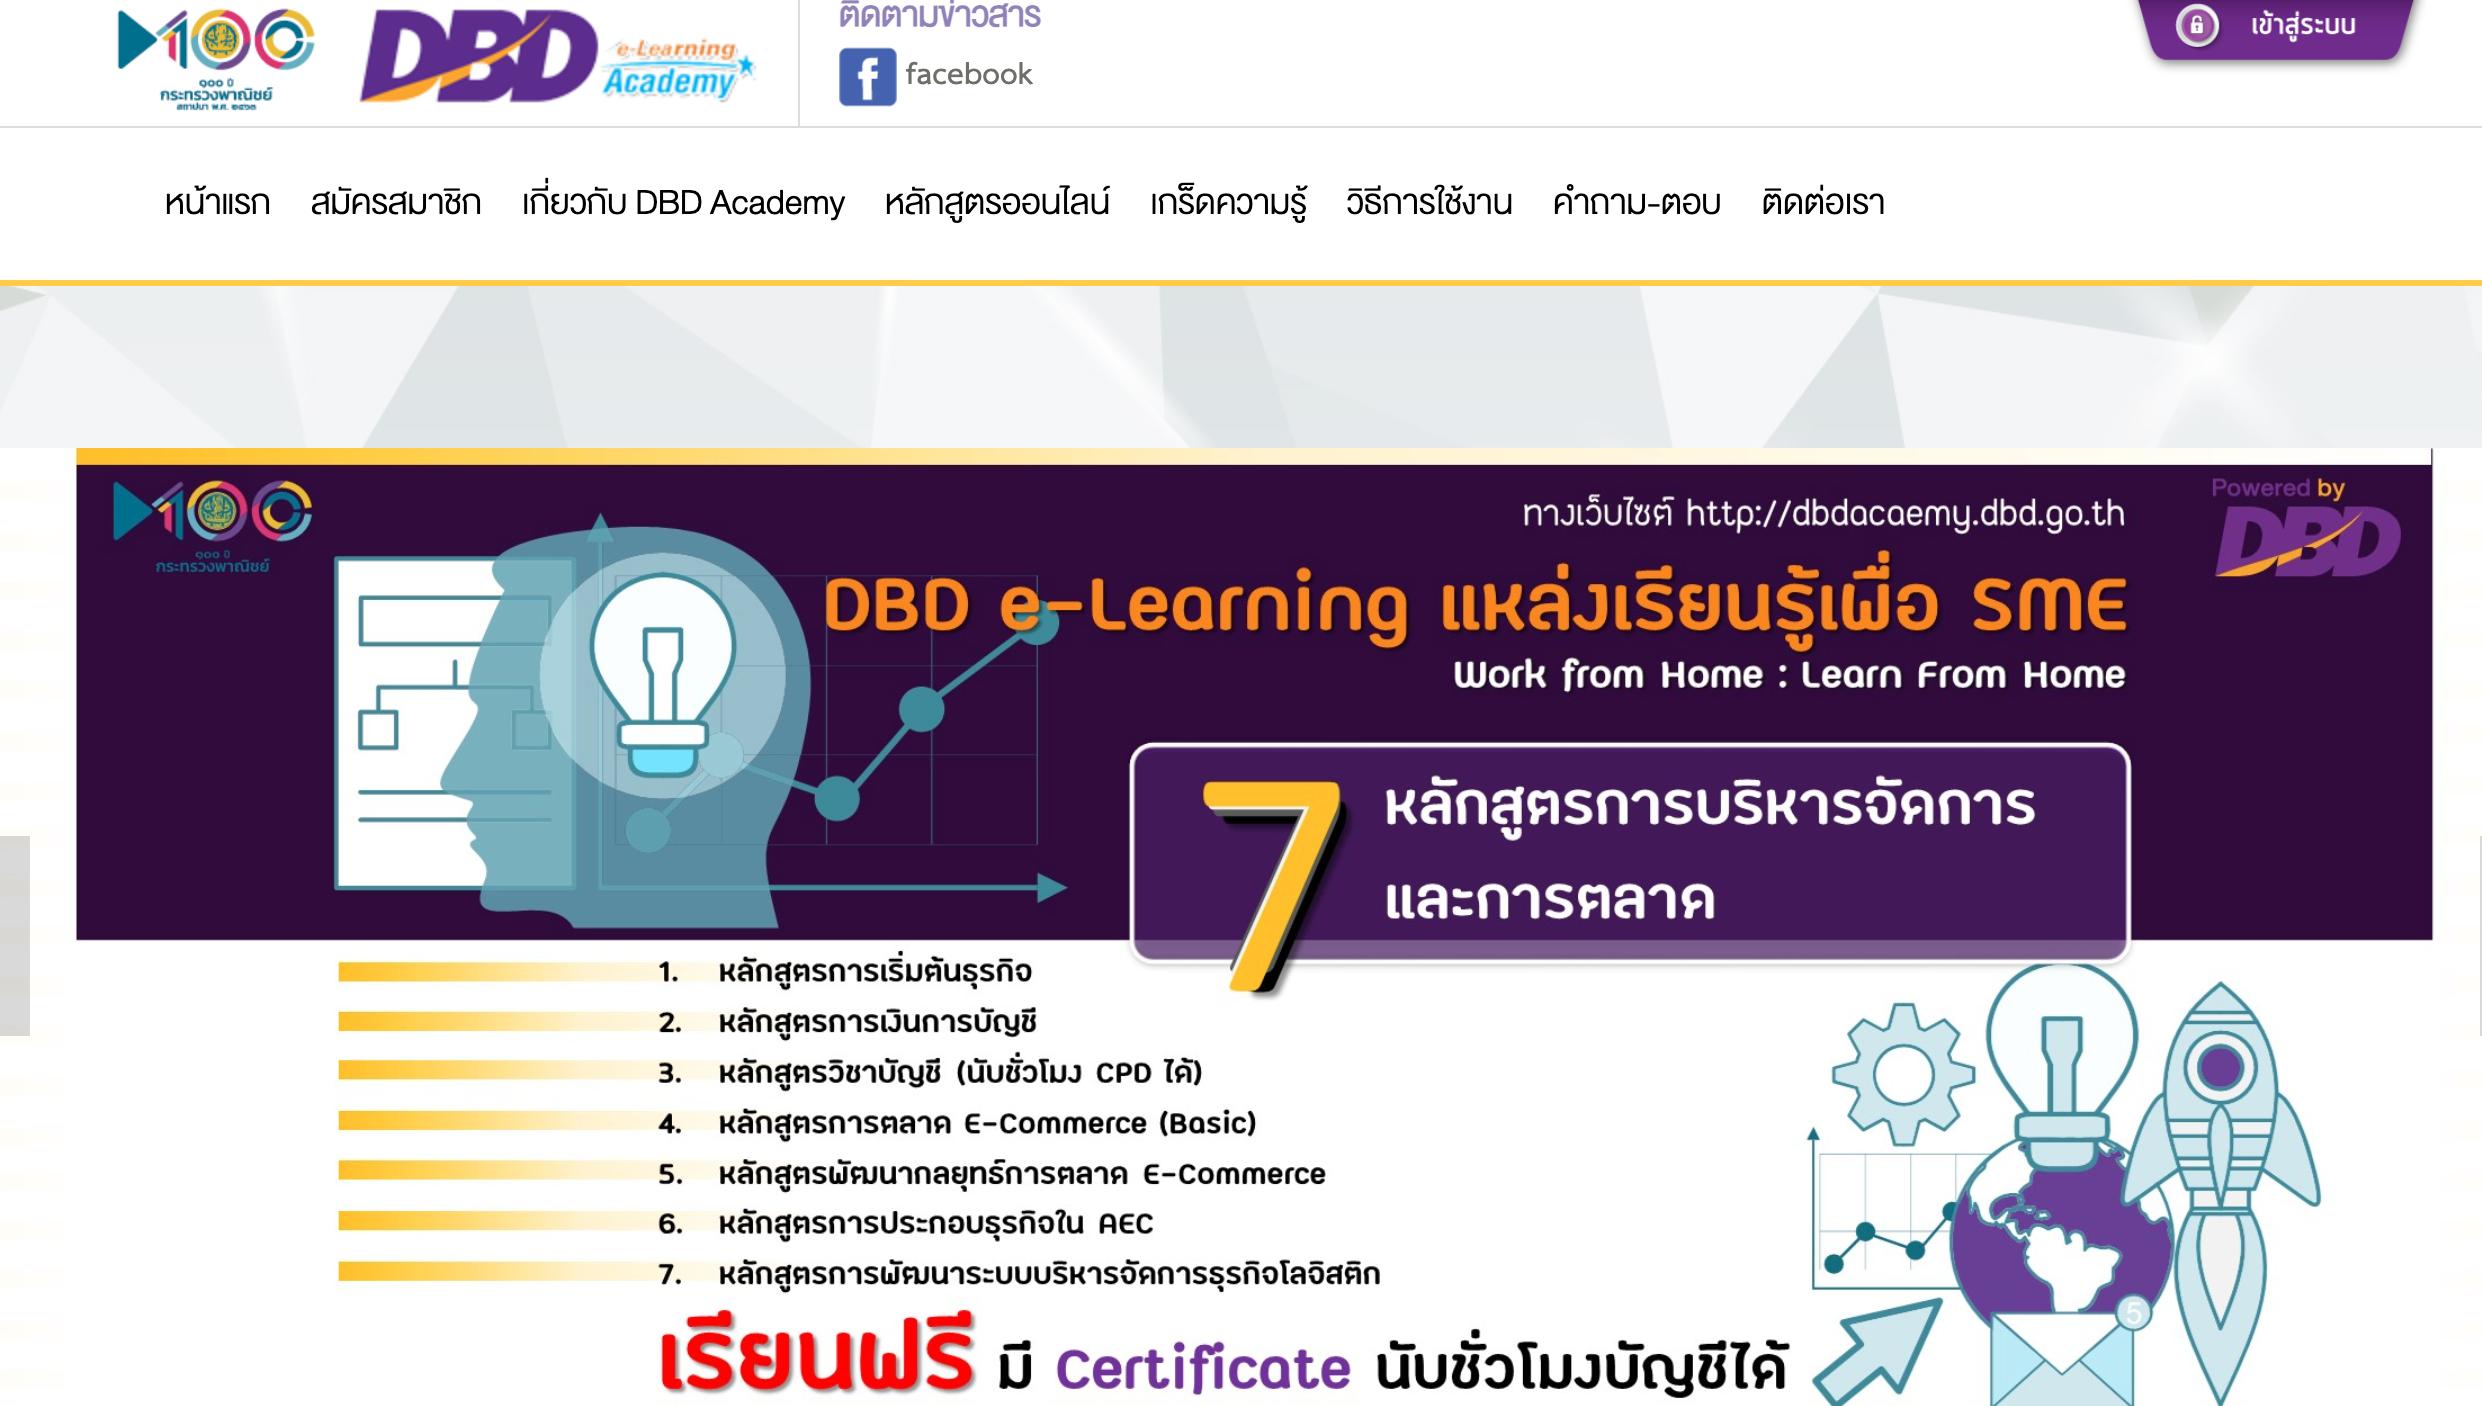 Page365-9แหล่งเรียนขายของออนไลน์-DBD Acadamy.png